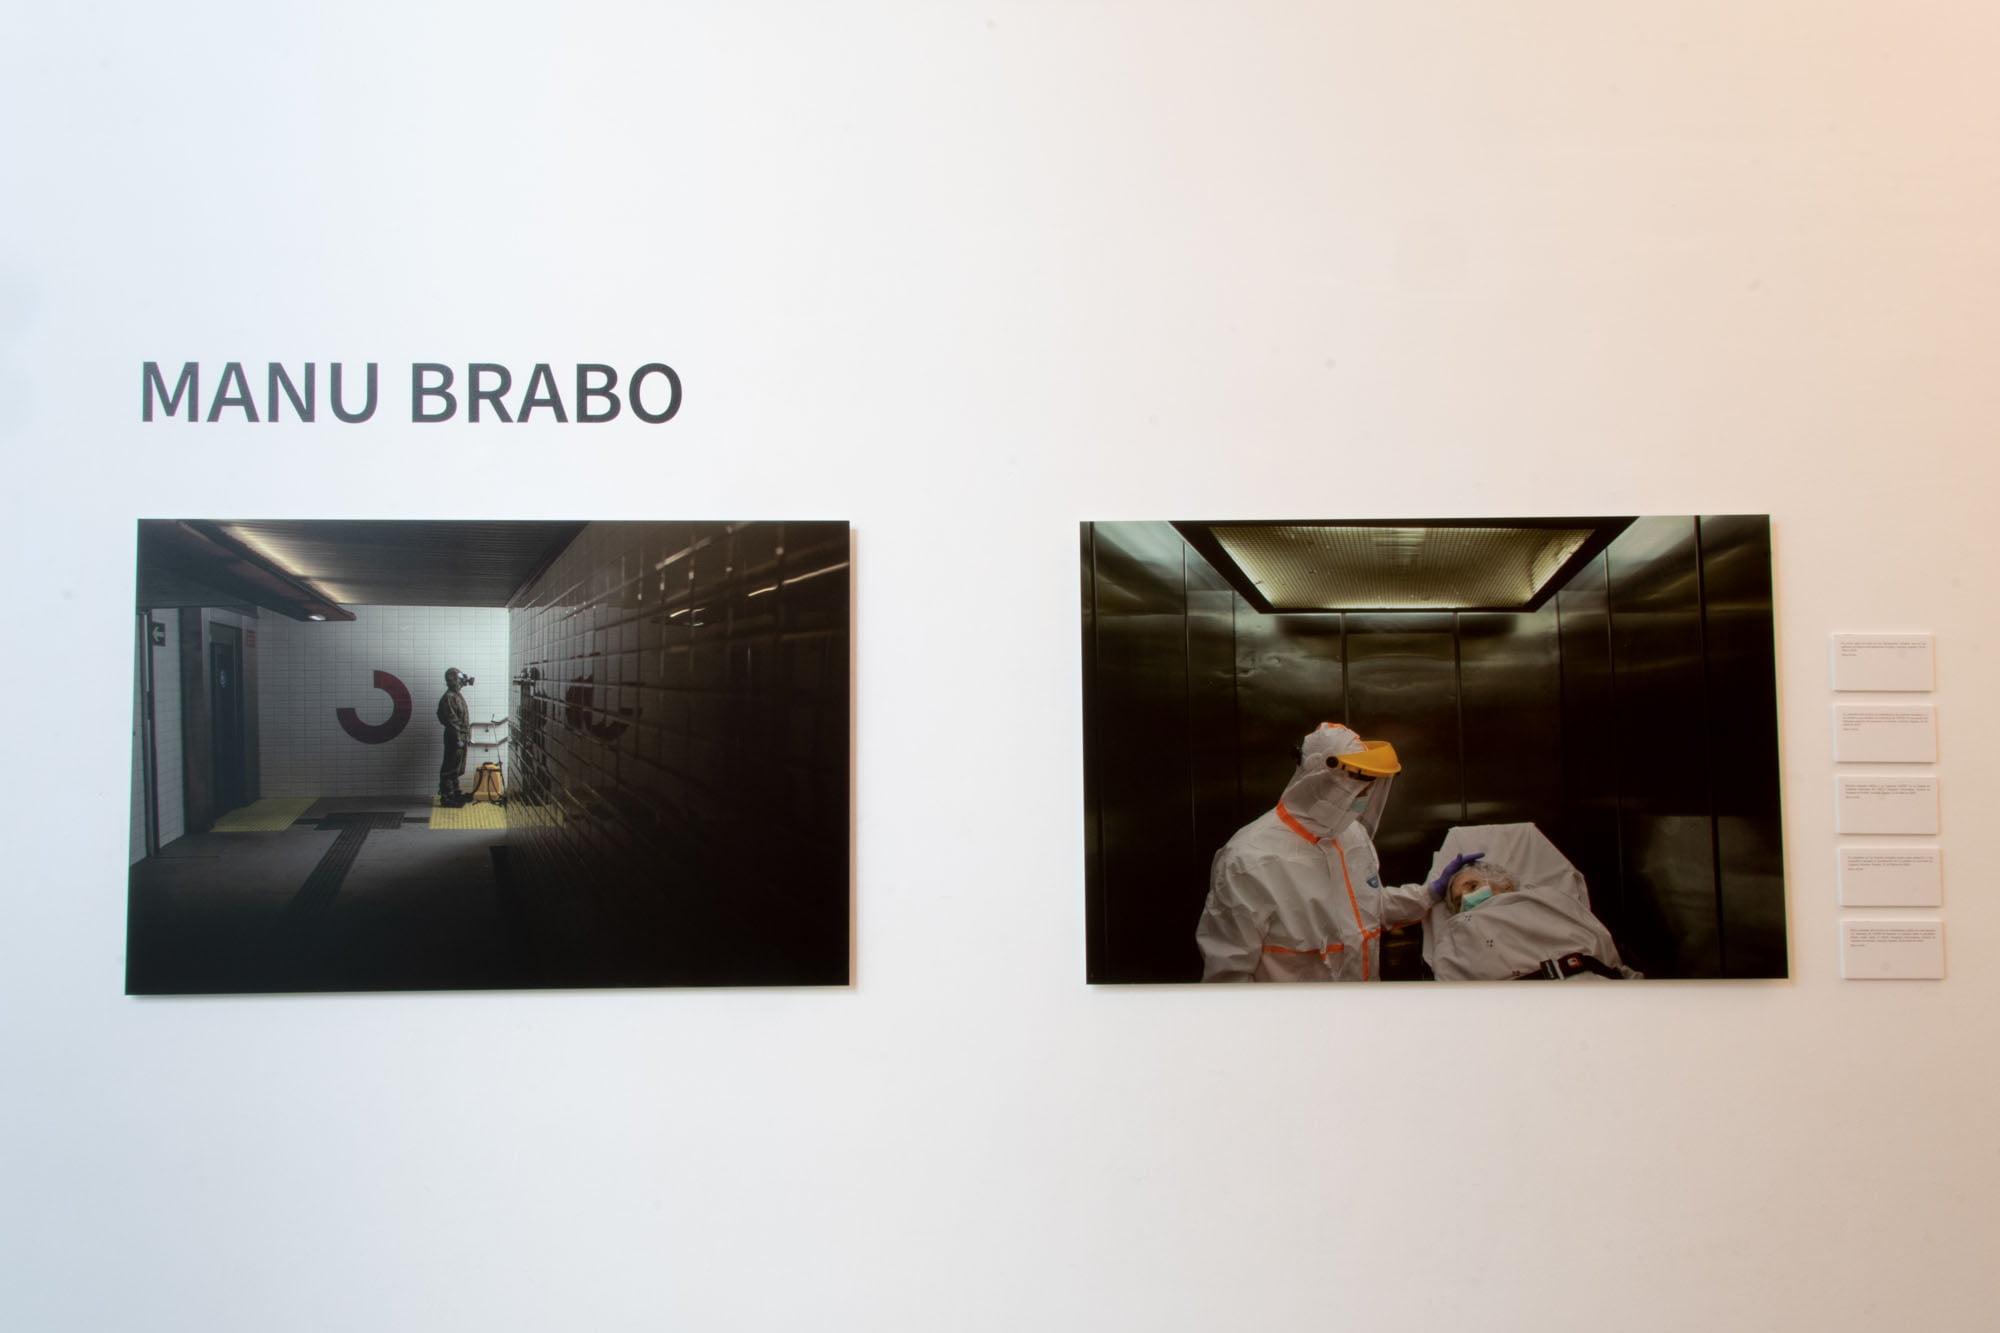 Photographs by Manu Brabo